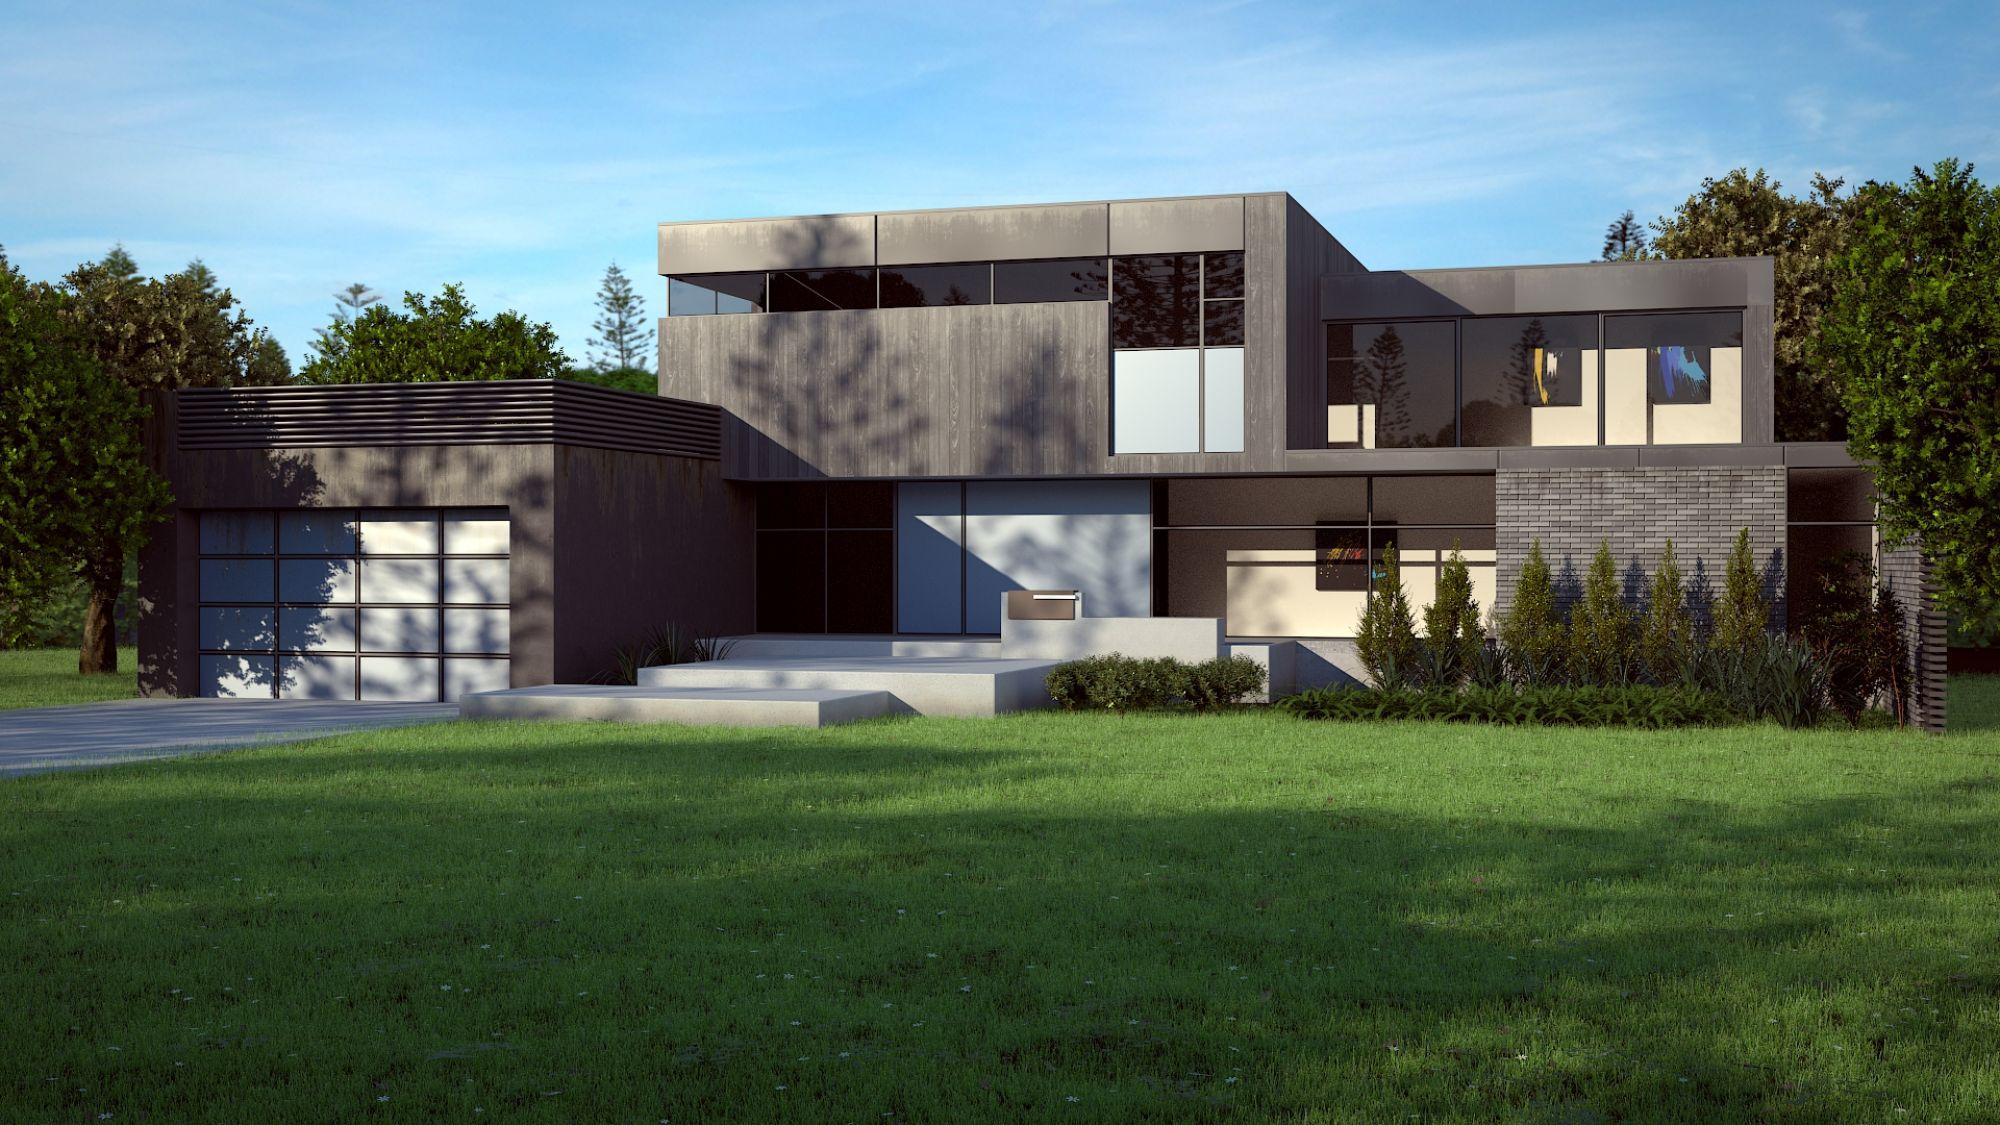 Casa moderna, Foto: cgarchitect.com